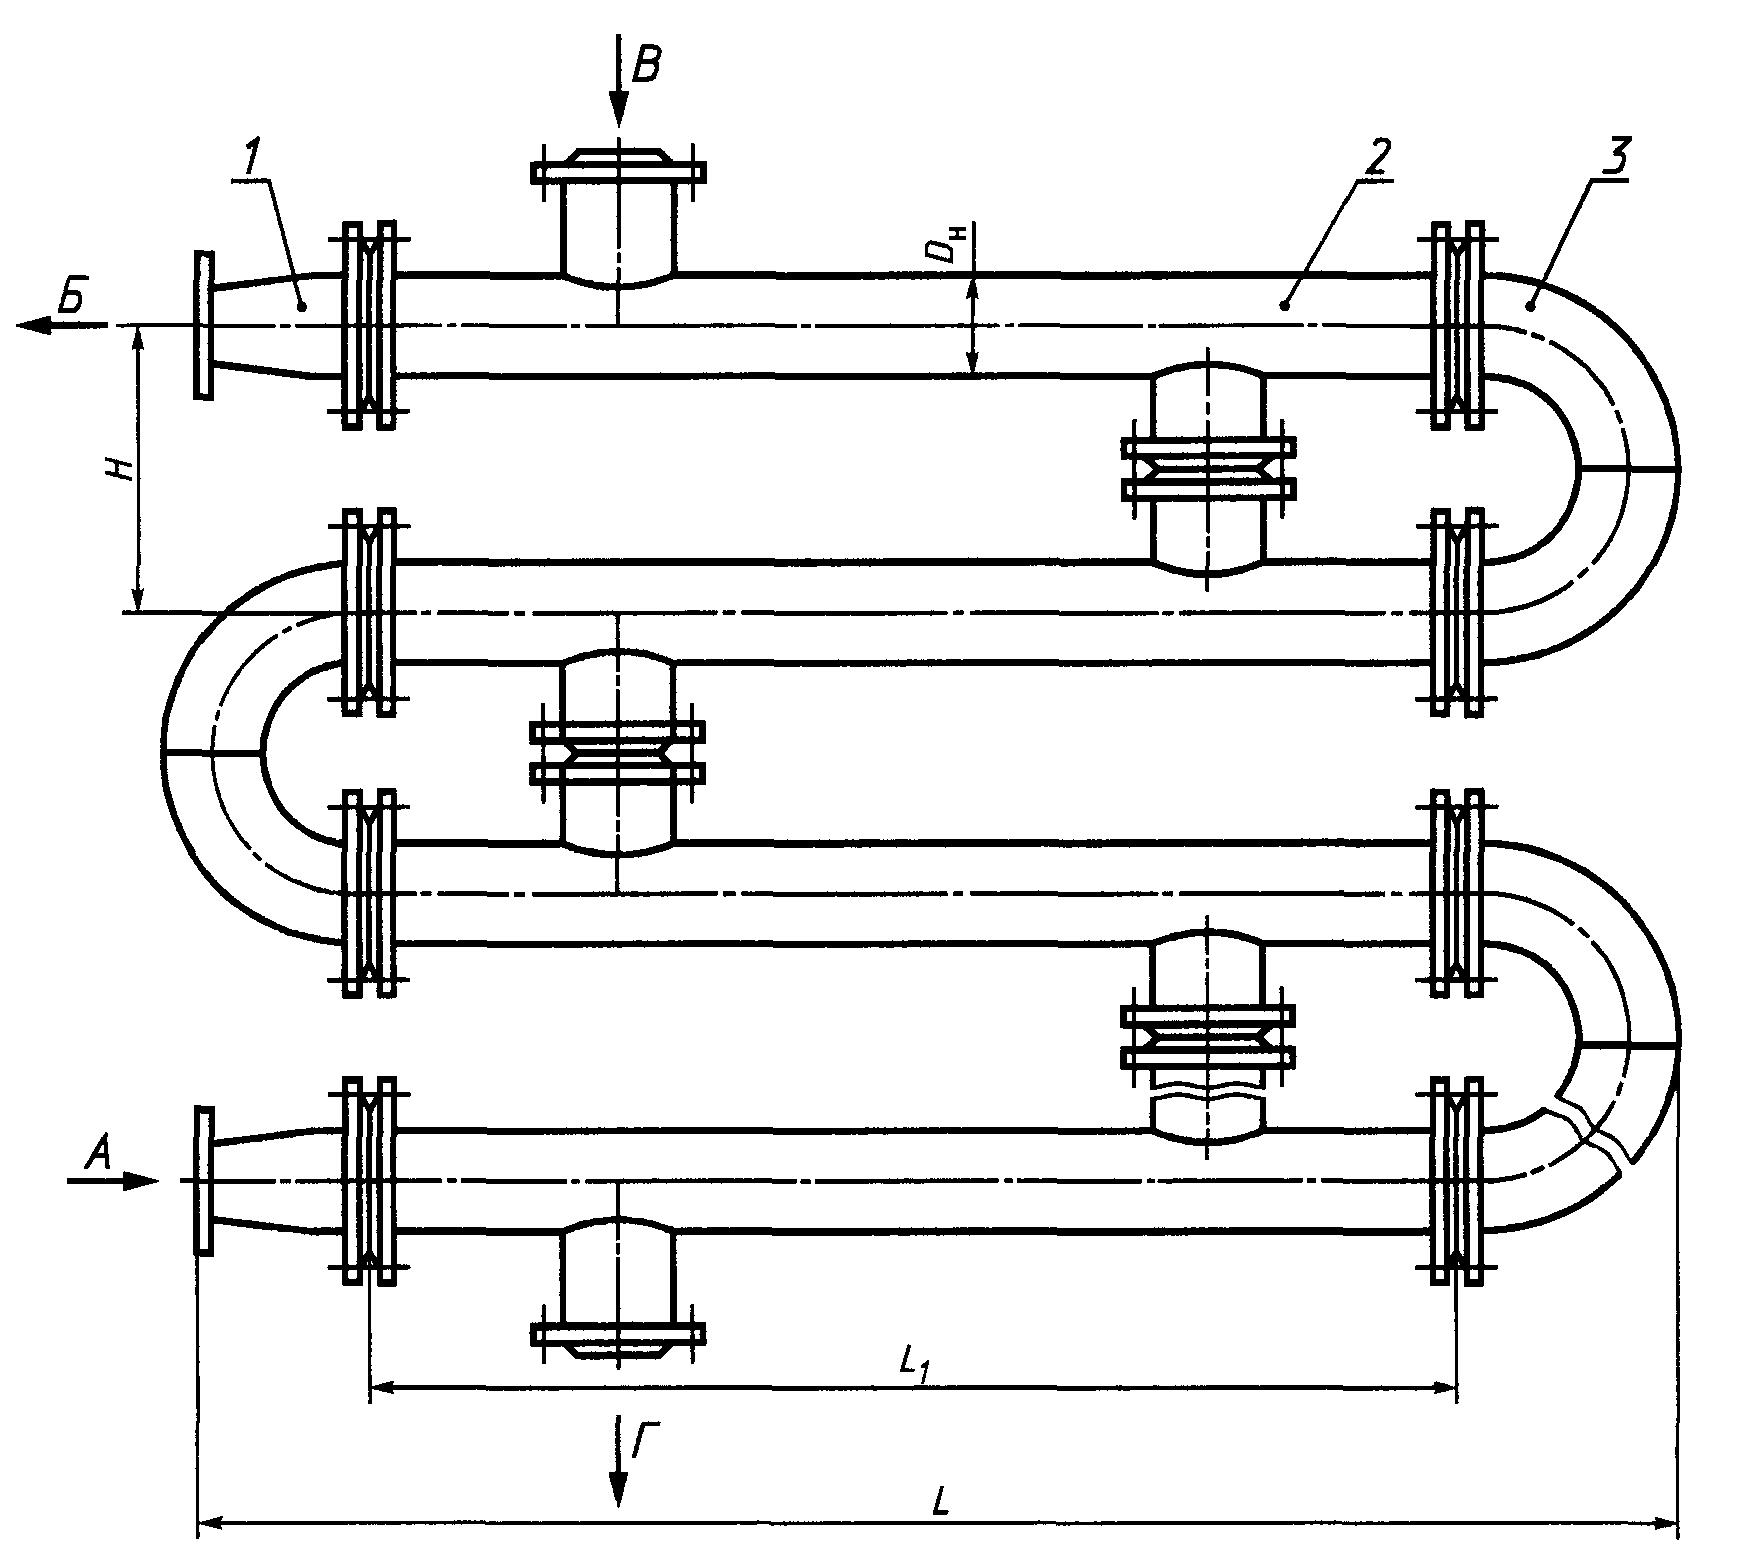 Водоводяной теплообменник характеристики описание ремонта кожухотрубного теплообменника